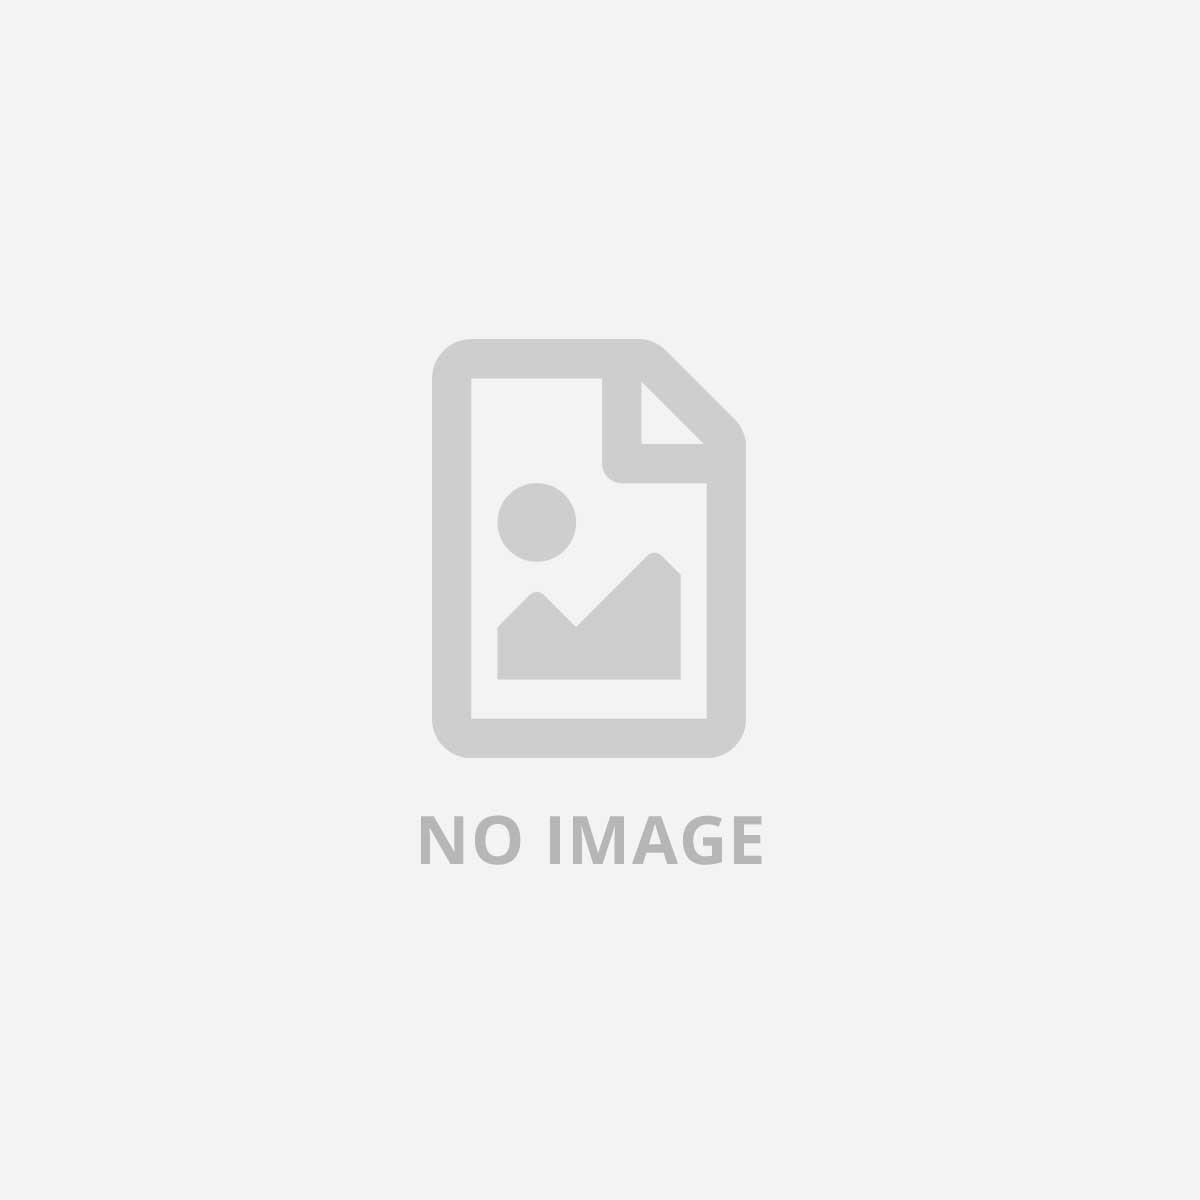 HAMLET ZELIGPAD 7 HD IPS 3GB 4CORE AND 5.1